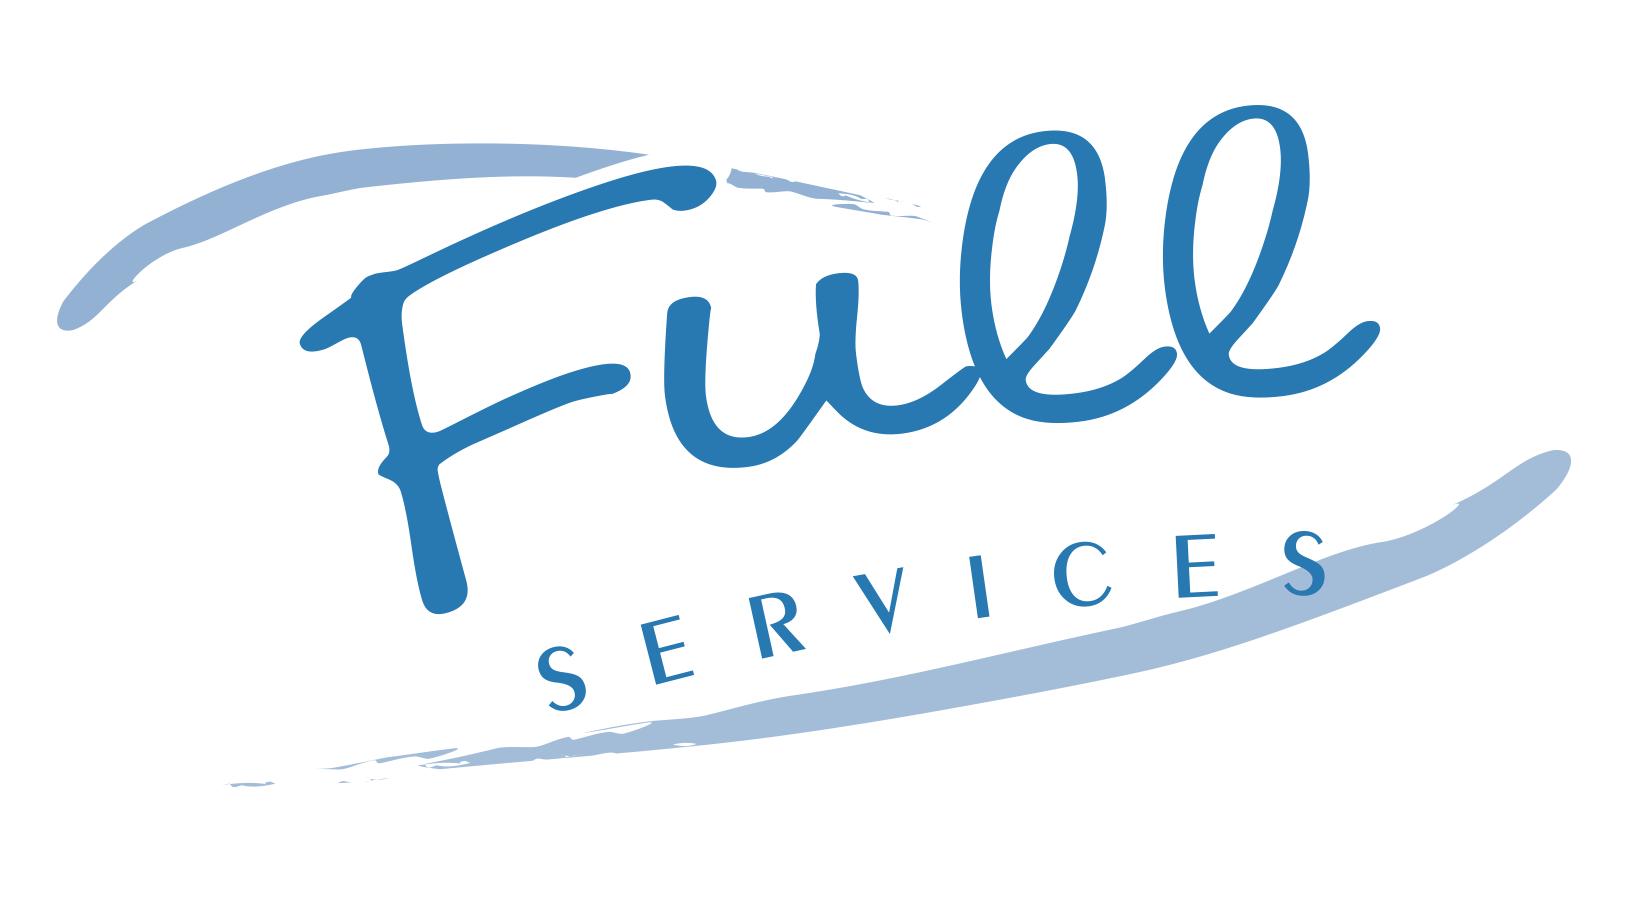 FULL_SERVICES-NOUVEAU_LOGO.png